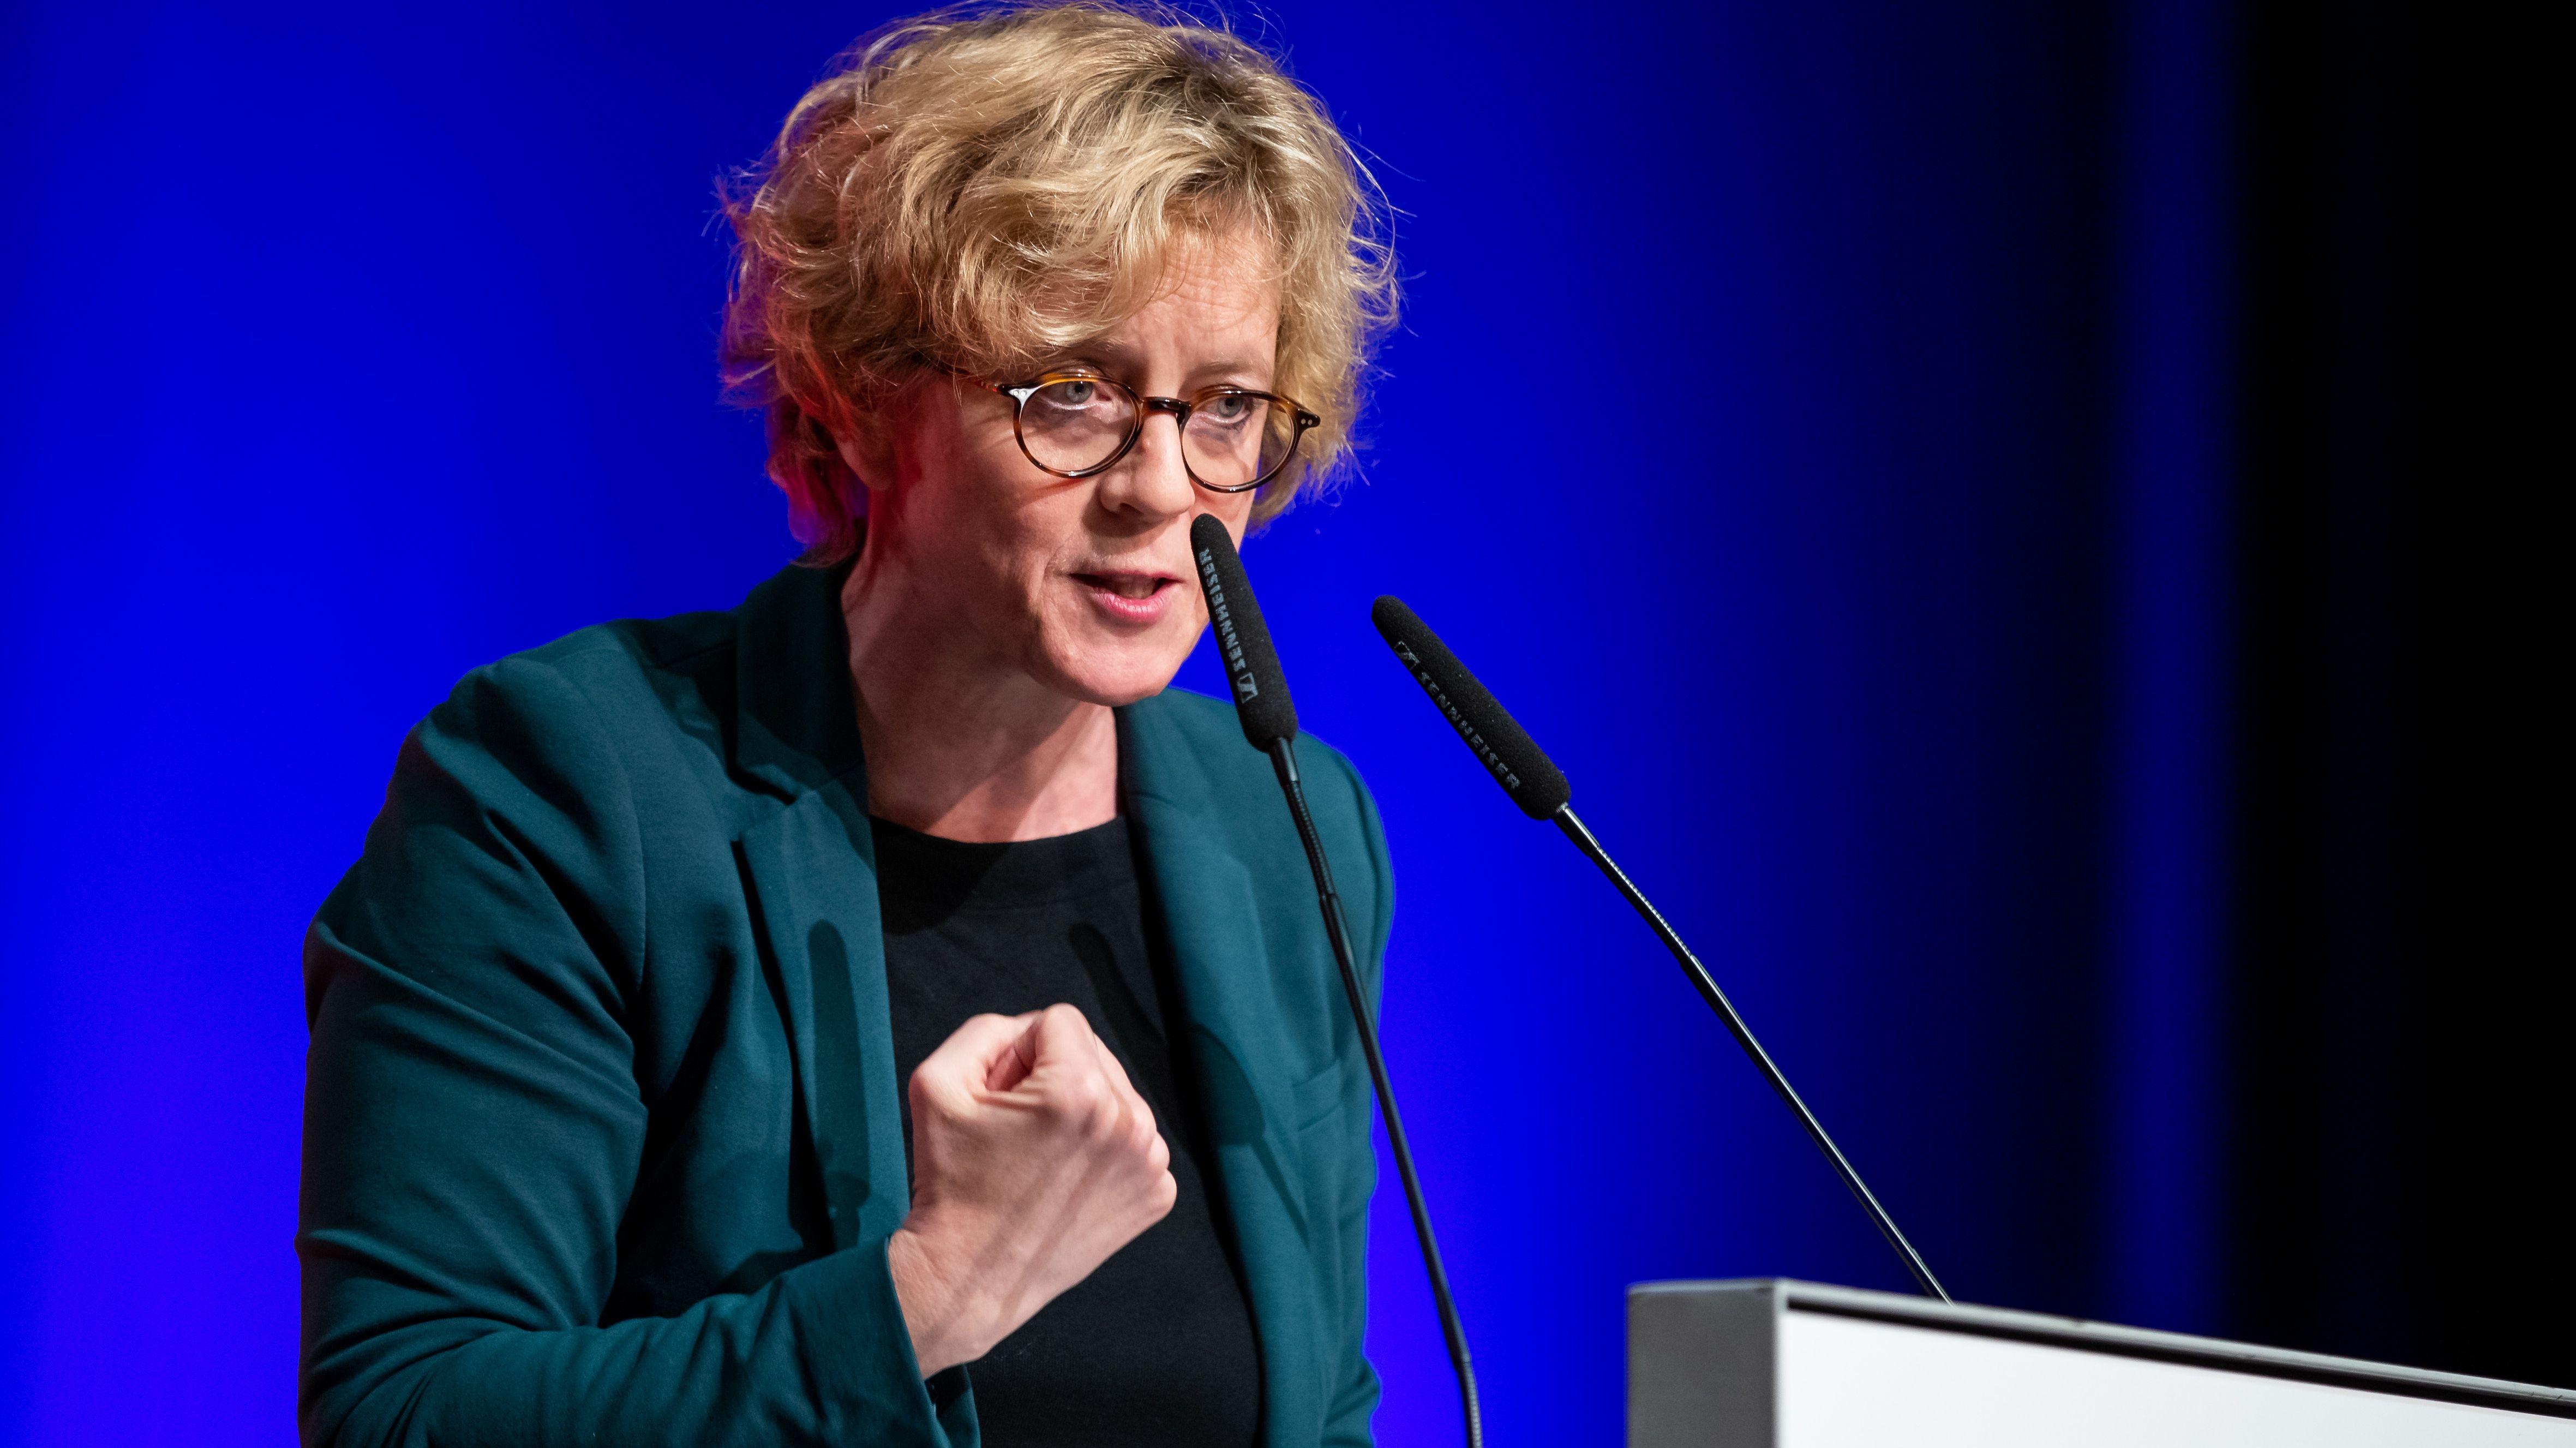 Die SPD-Landesvorsitzende Natascha Kohnen spricht beim Landesparteitag in Bad Windsheim am 26. Januar 2019